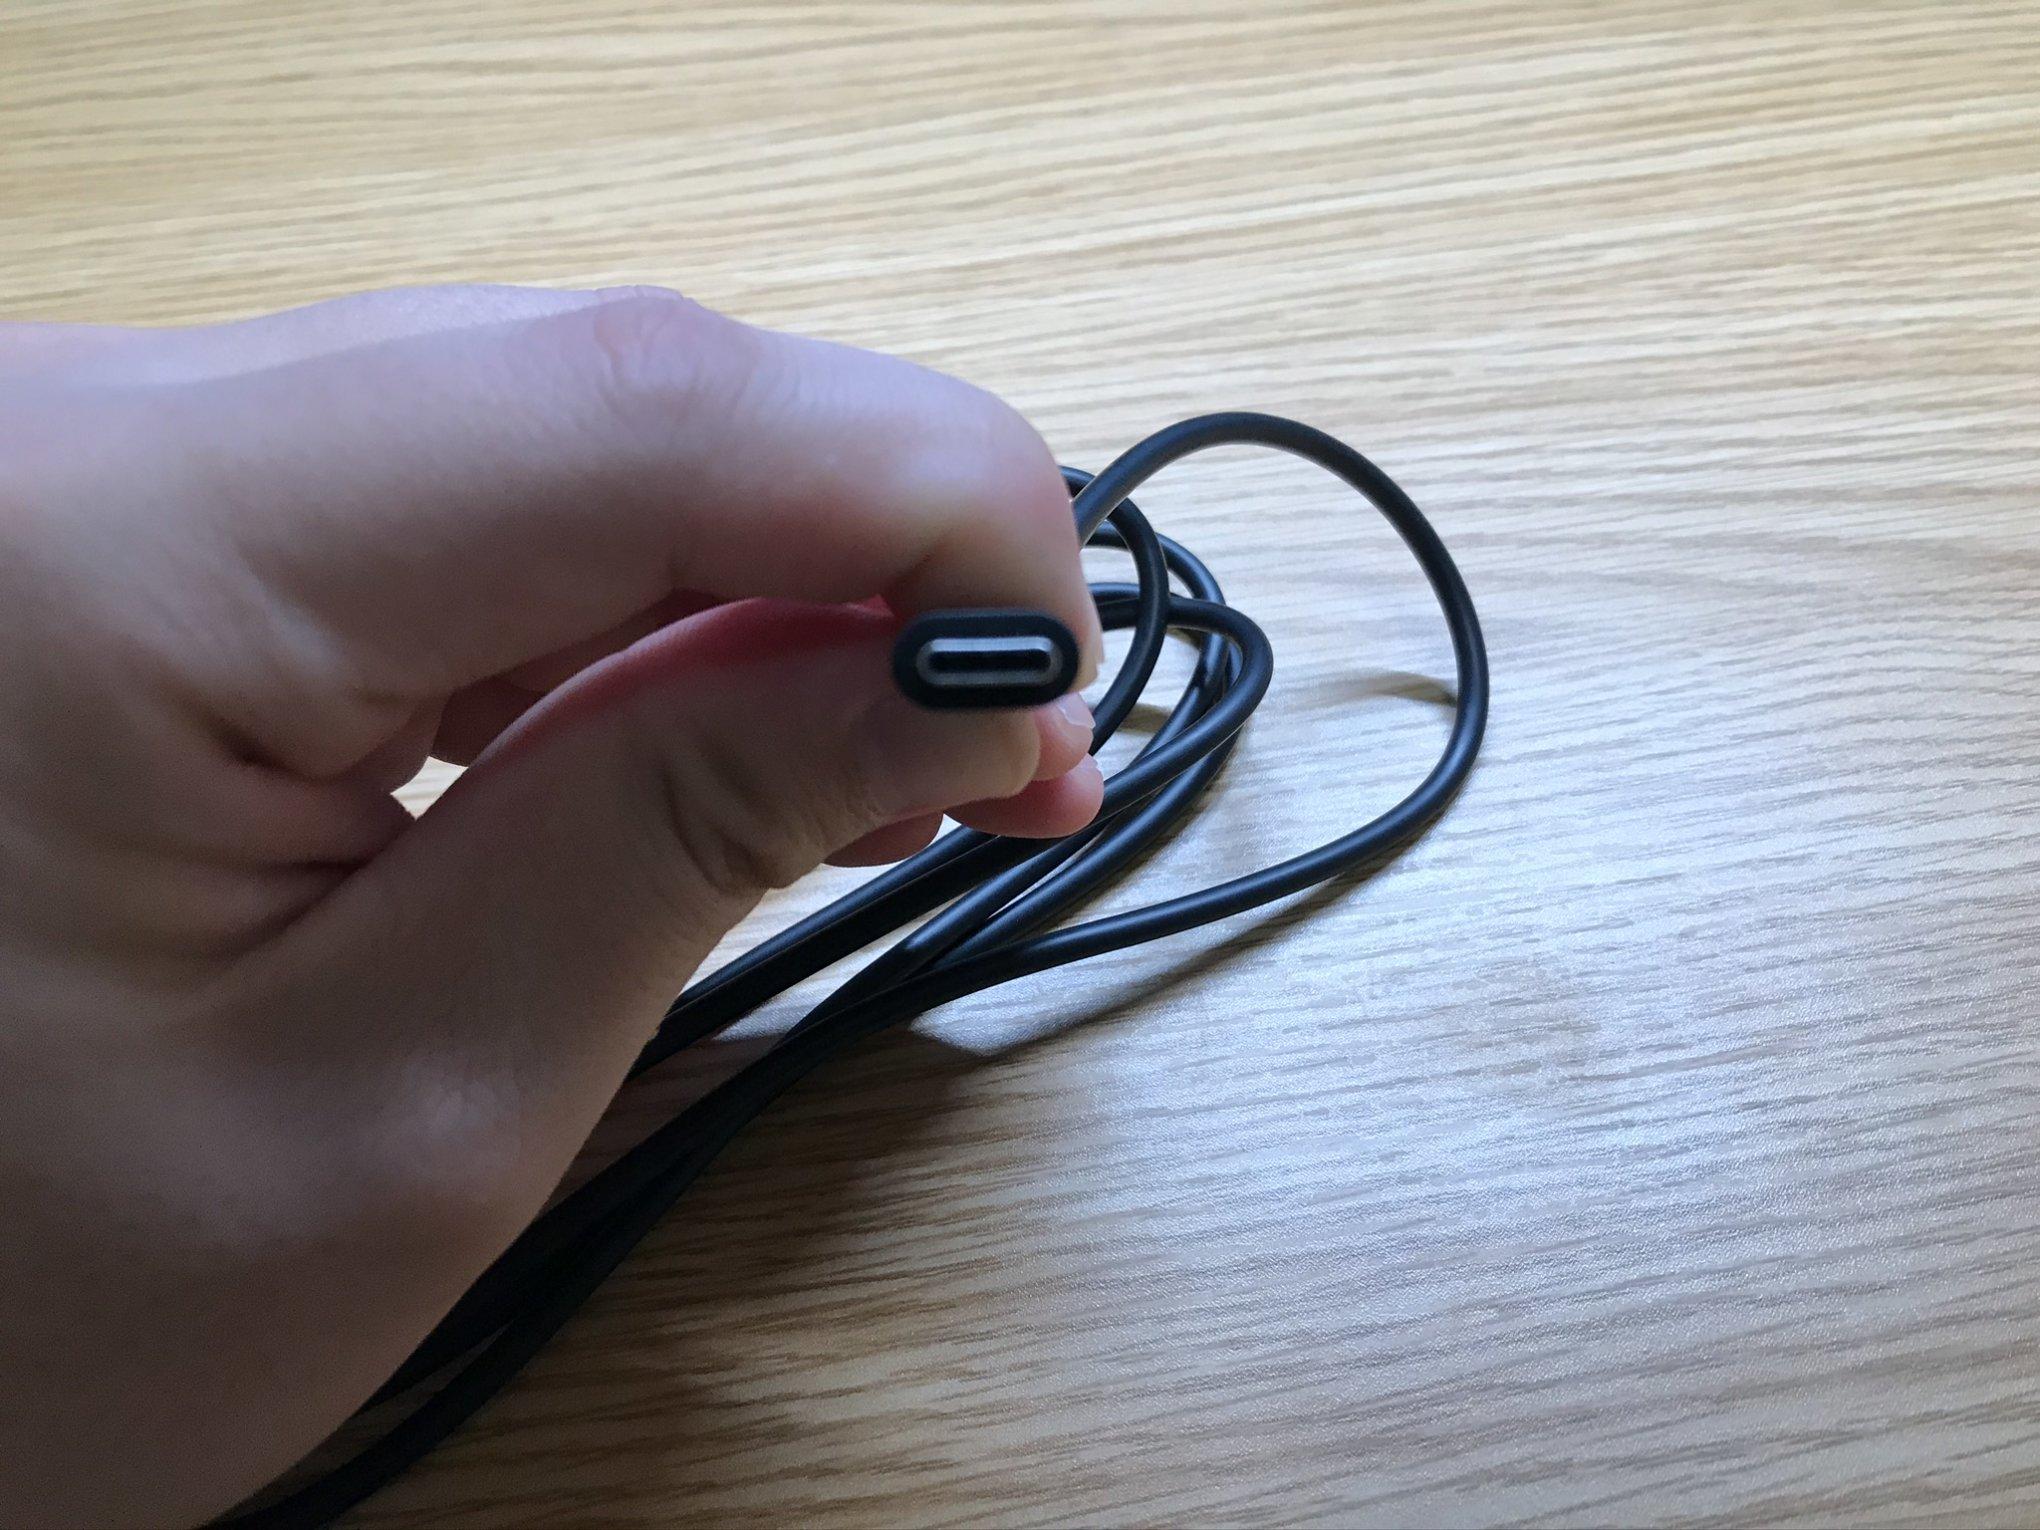 ロジクールG PRO X WIRELESS充電ケーブル